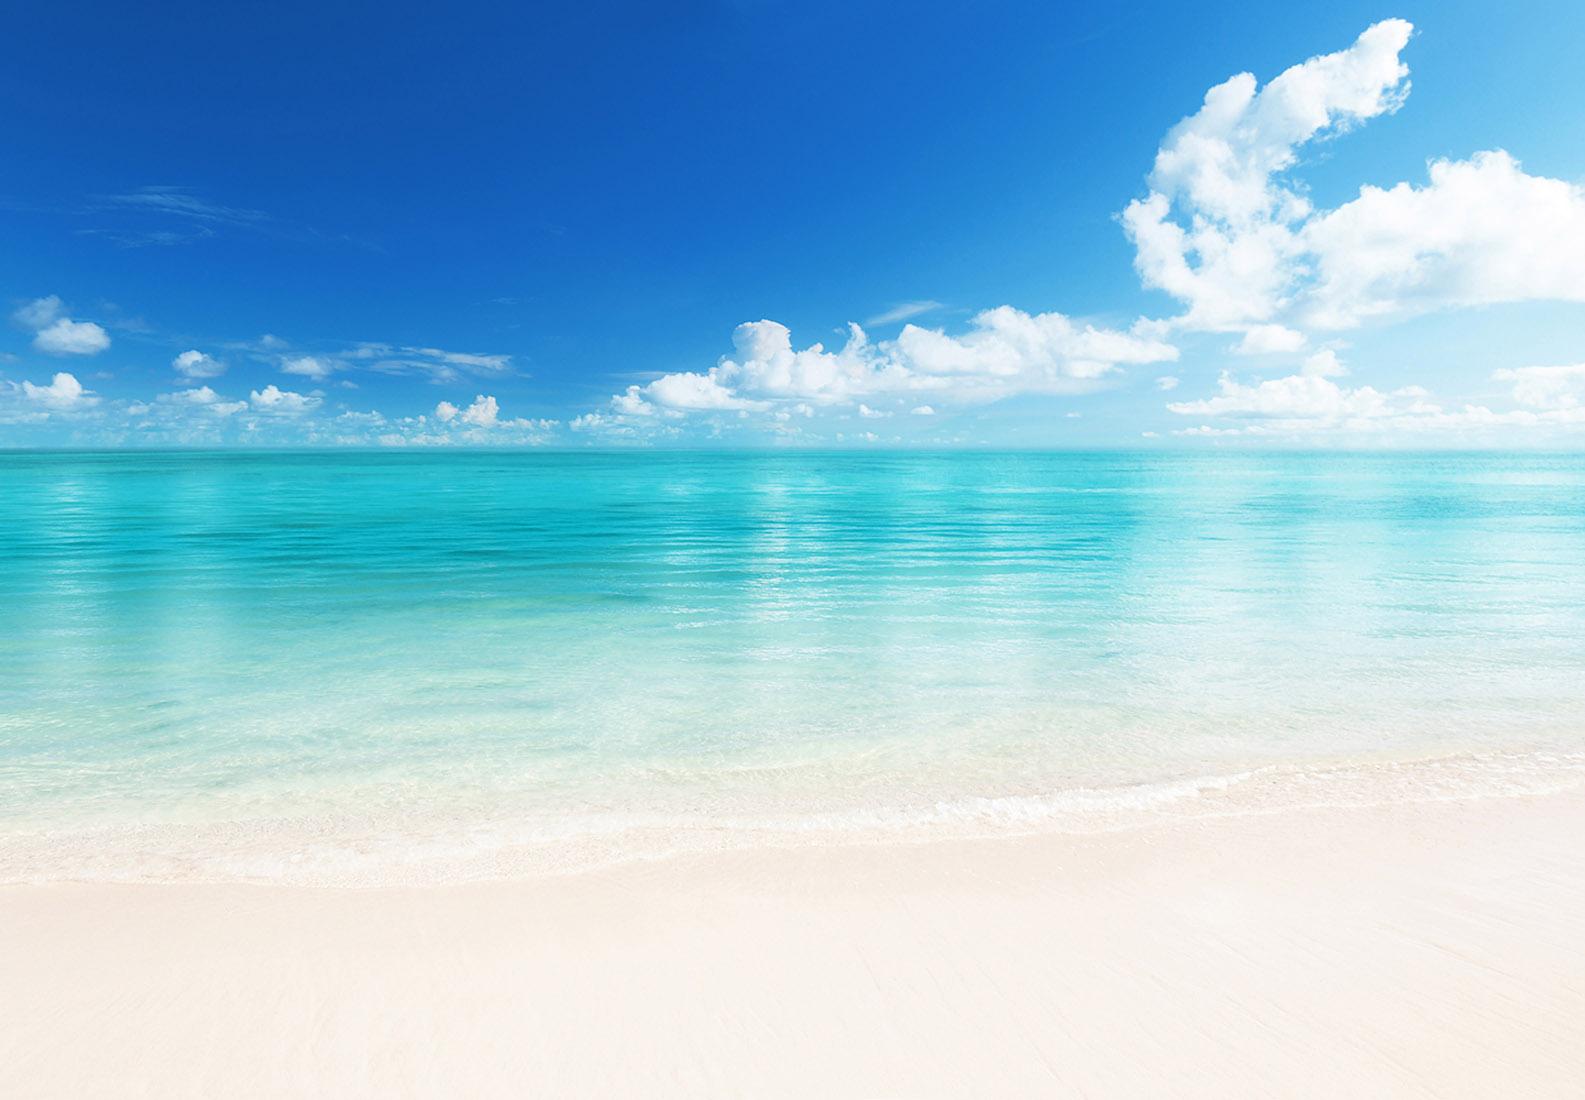 fototapete beach 366x254 wei er sand strand blaues wasser ozean karibik wolken ebay. Black Bedroom Furniture Sets. Home Design Ideas